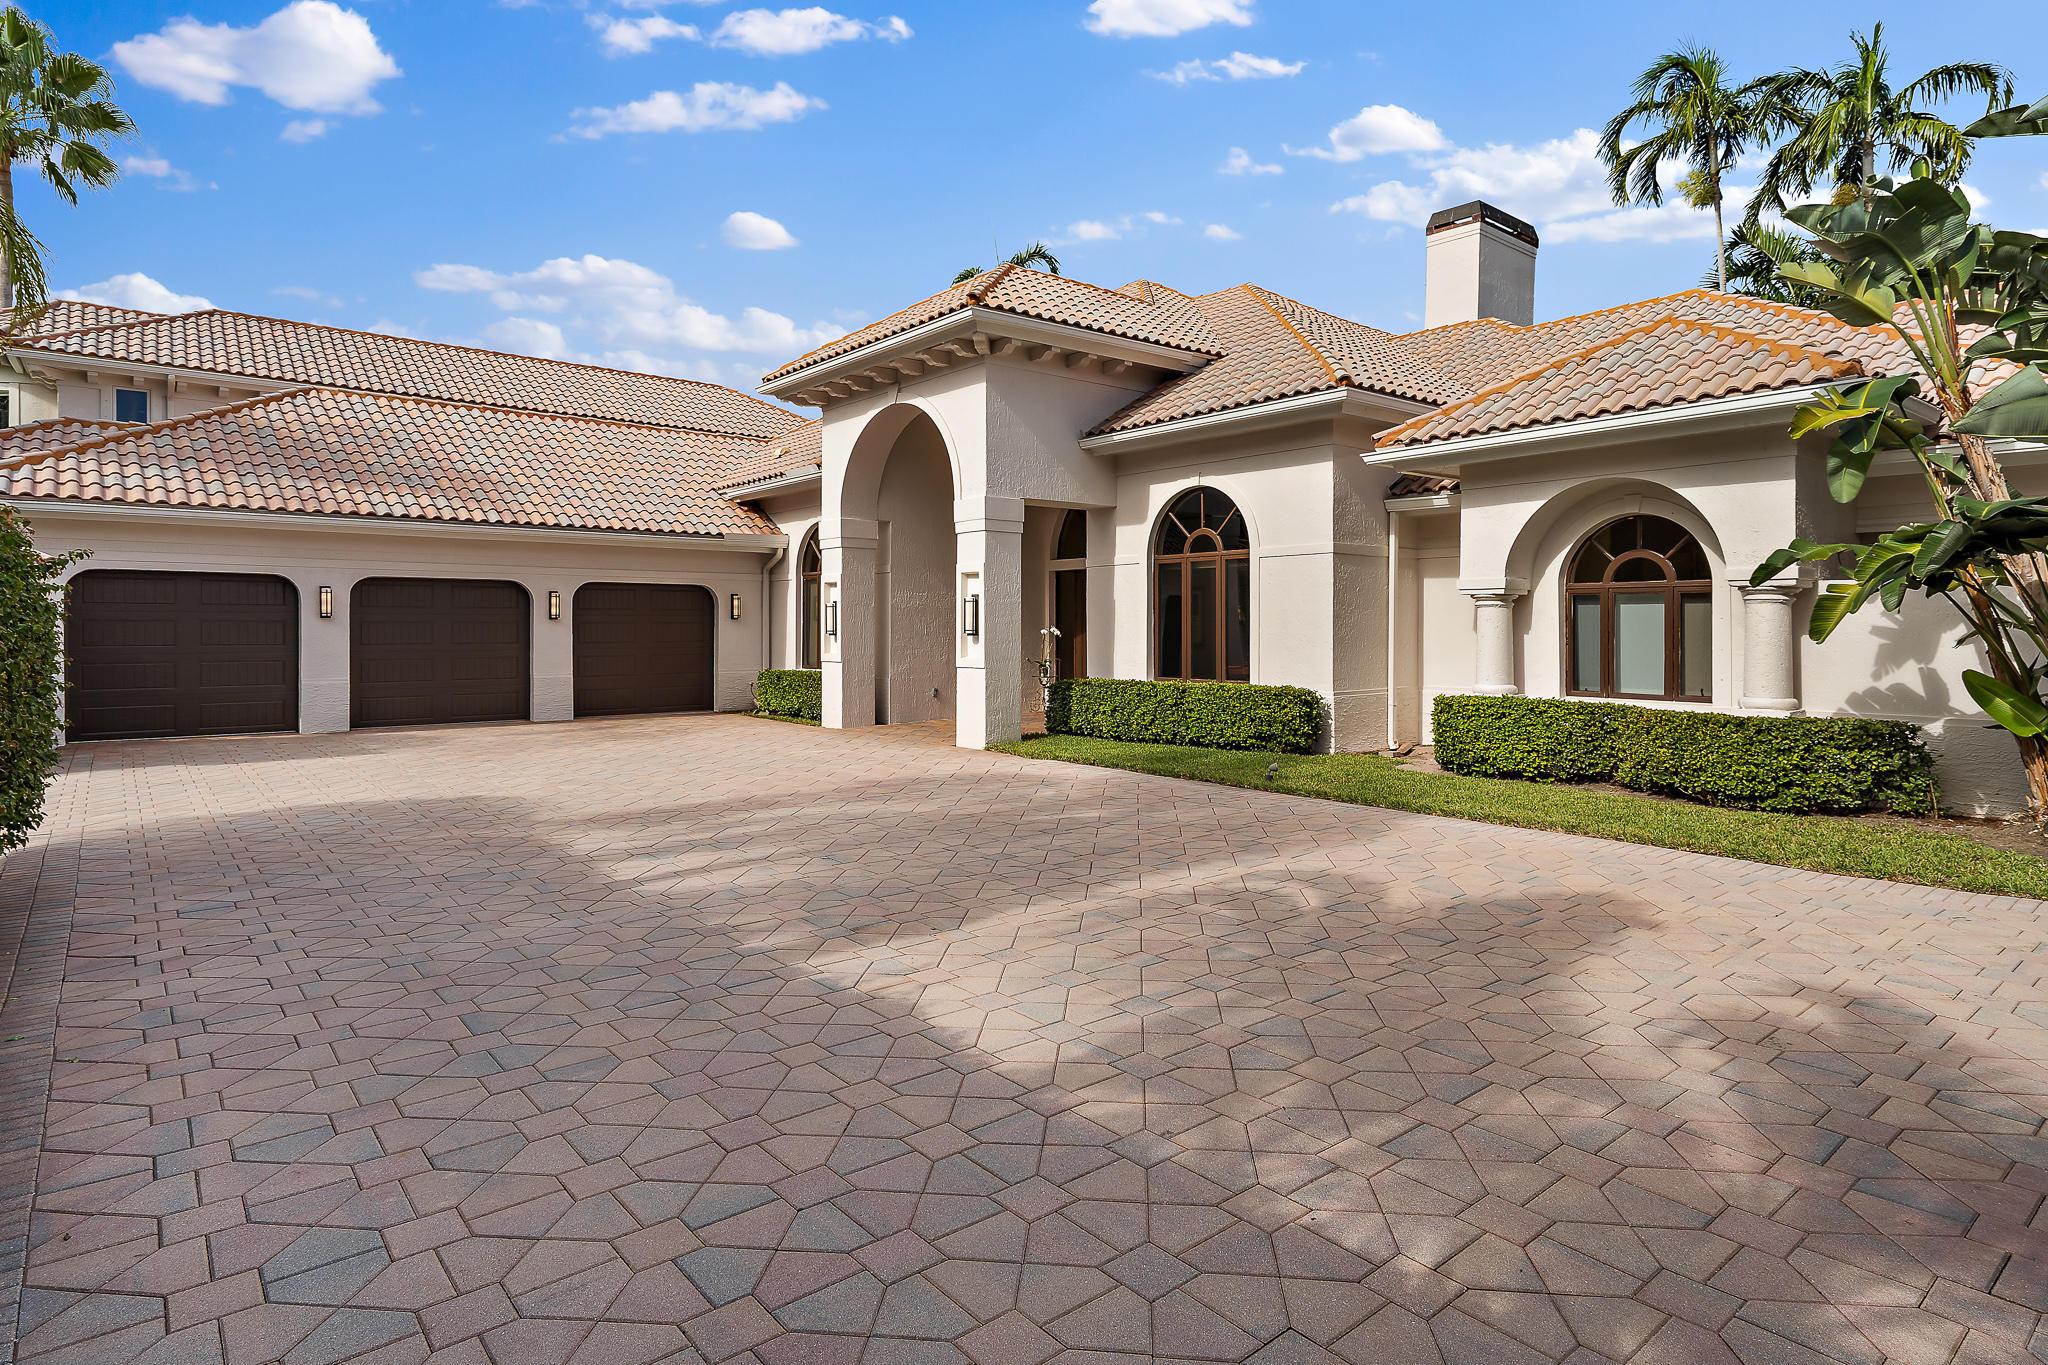 2763 Calais Drive, Palm Beach Gardens, Florida 33410, 6 Bedrooms Bedrooms, ,8.2 BathroomsBathrooms,A,Single family,Calais,RX-10482850